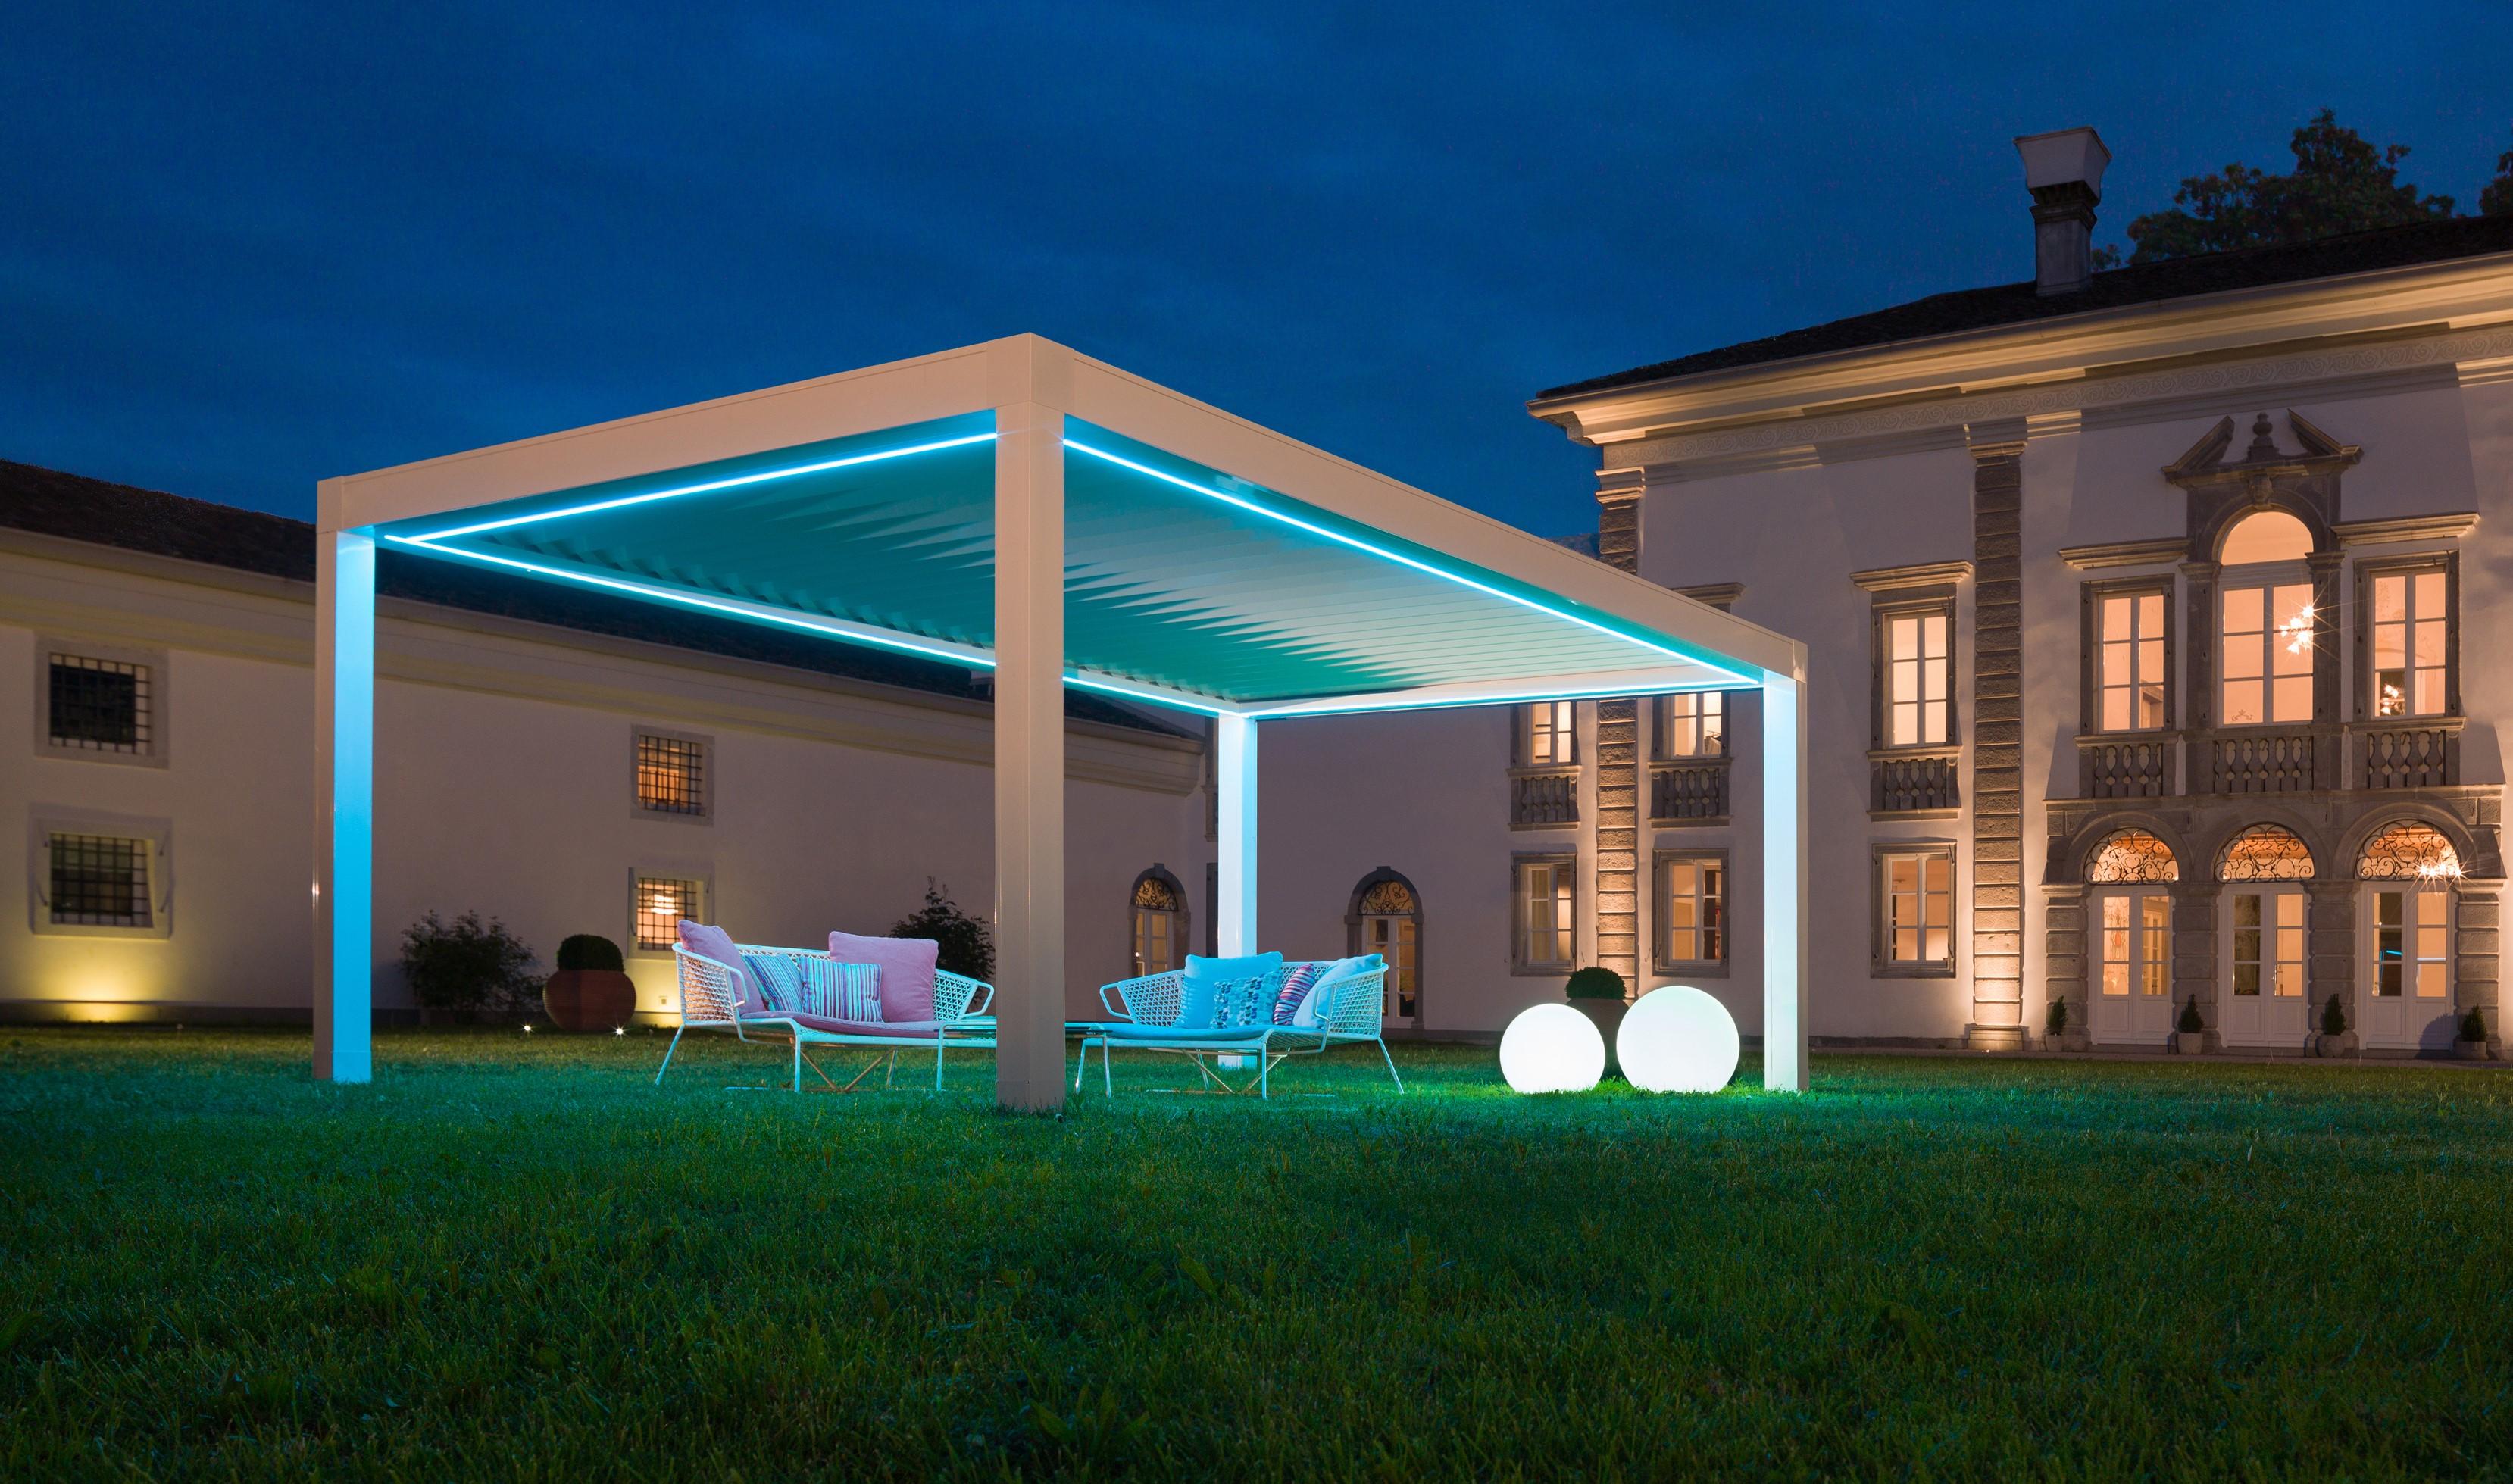 Uppgradering av er uteplats eller terrass?